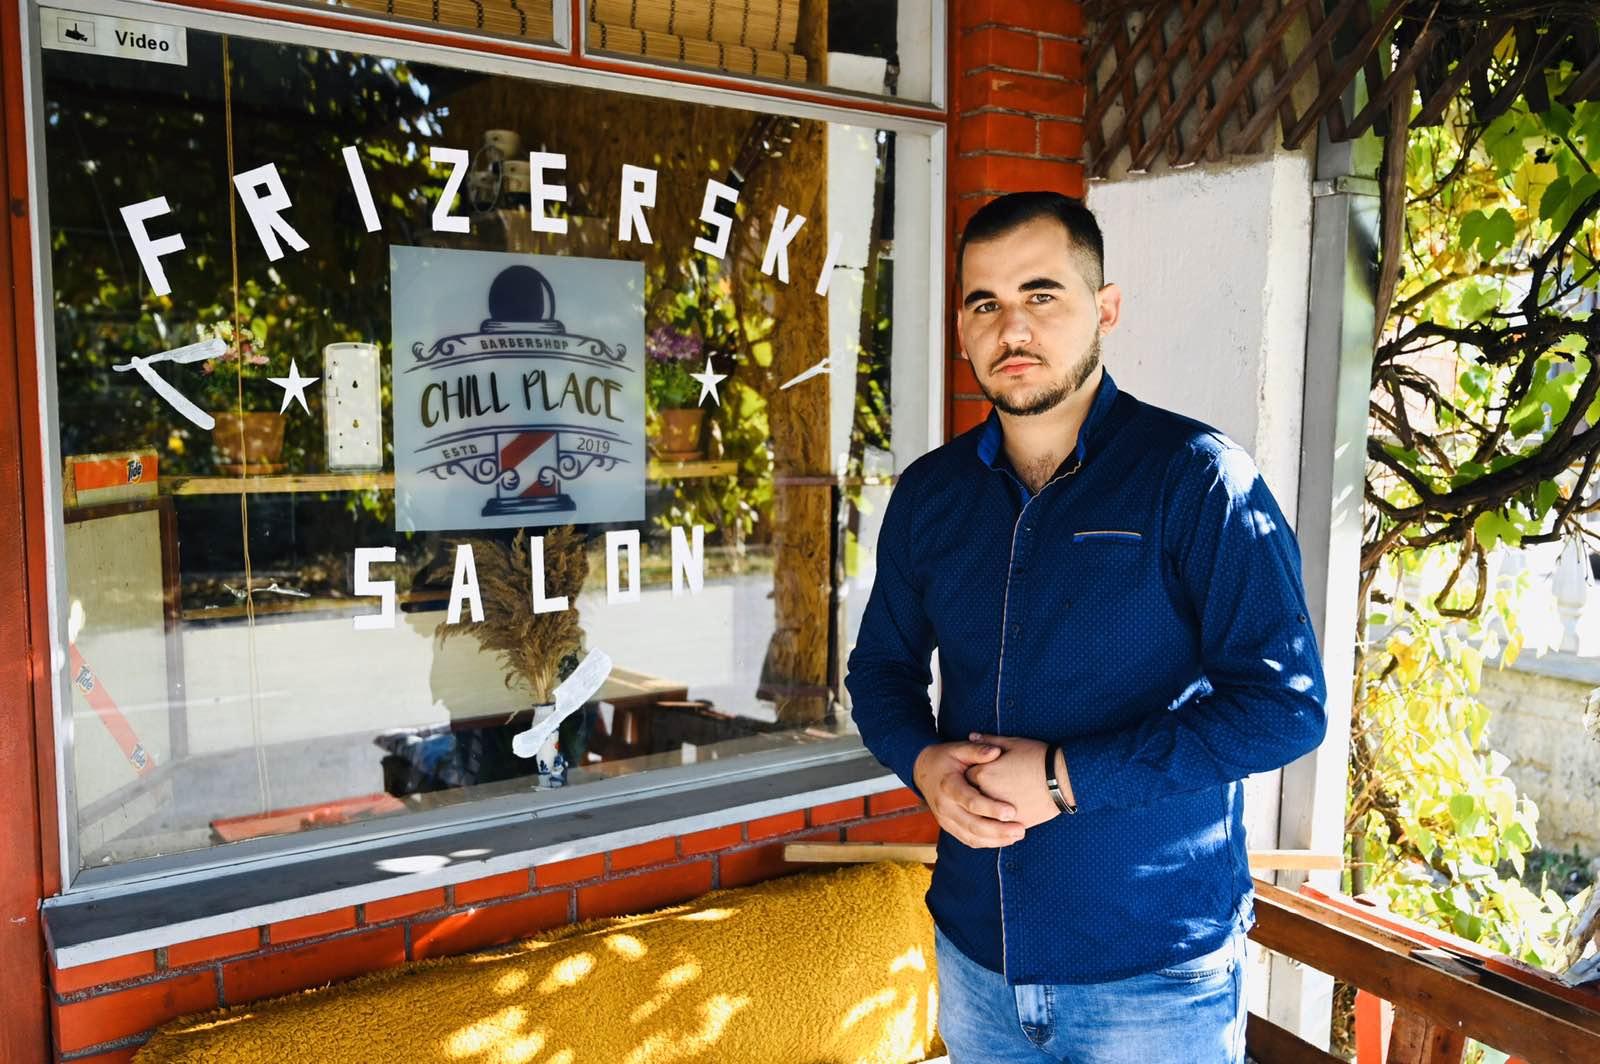 """Photo of Zahvaljujući pomoći NSZ i Grada Nemanja Stojčev ostvario svoj san – otvorio prvi frizerski salon u Poljskoj Ržani """"Chill place"""""""